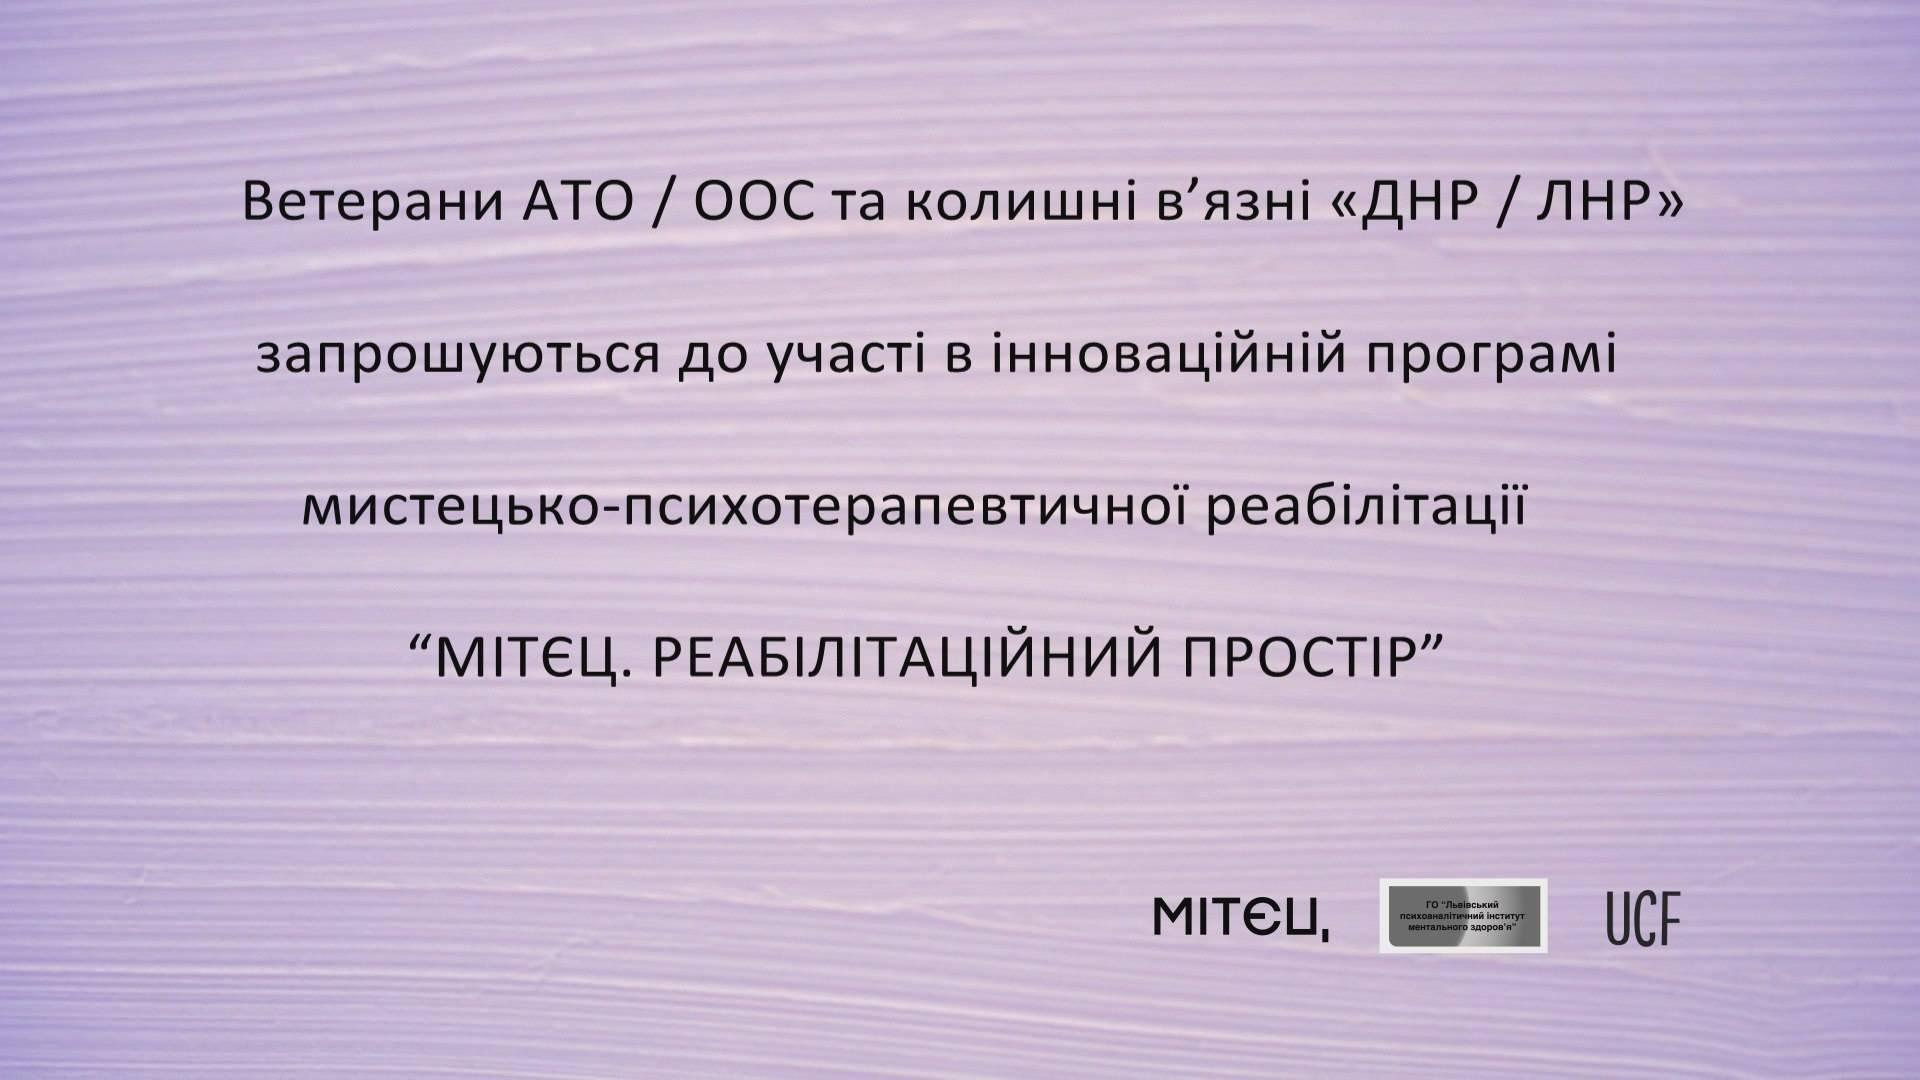 Ветерани АТО / ООС та колишні в'язні «ДНР / ЛНР» запрошуються!